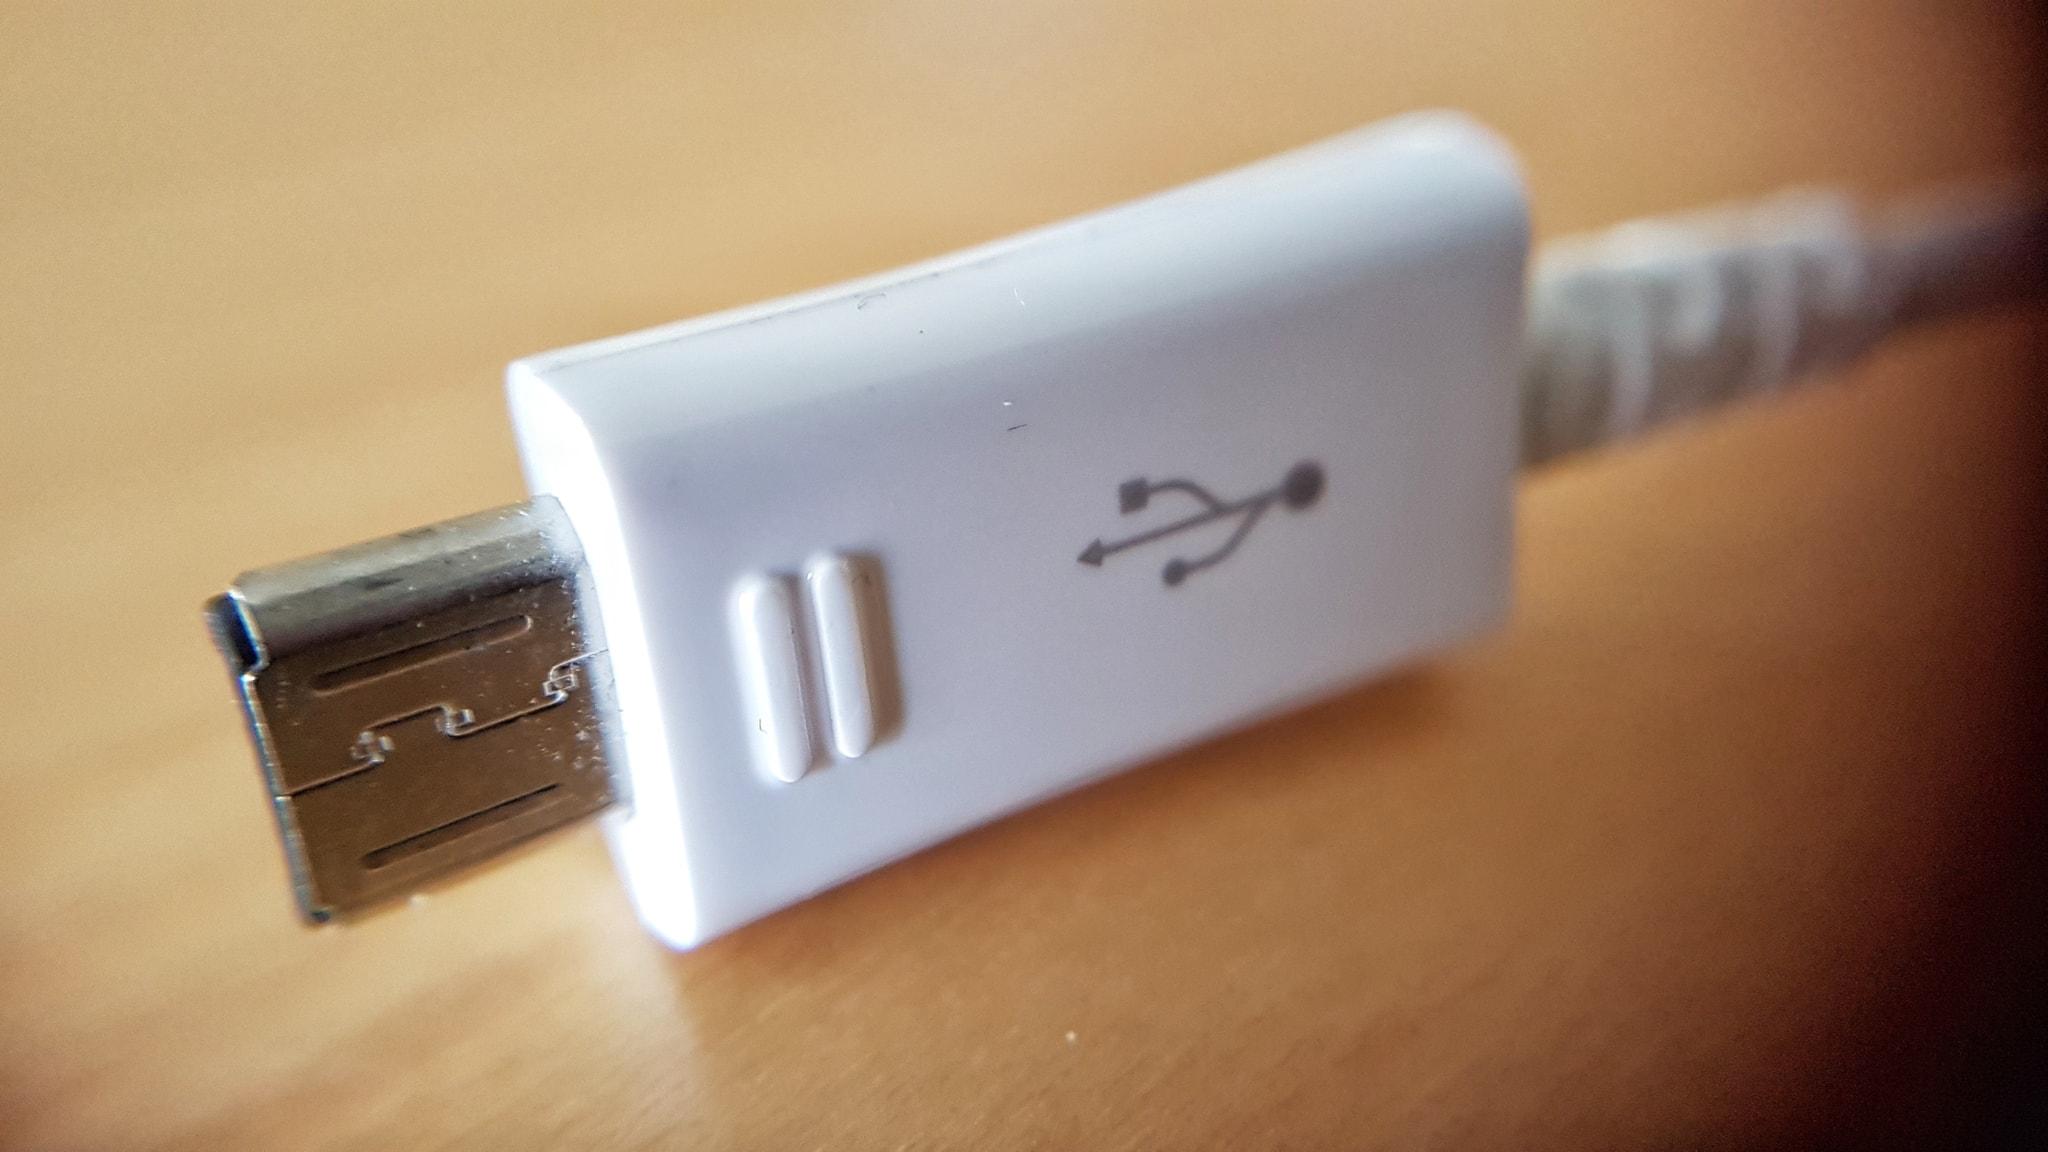 Farliga USB laddare återkallas P4 Jämtland | Sveriges Radio